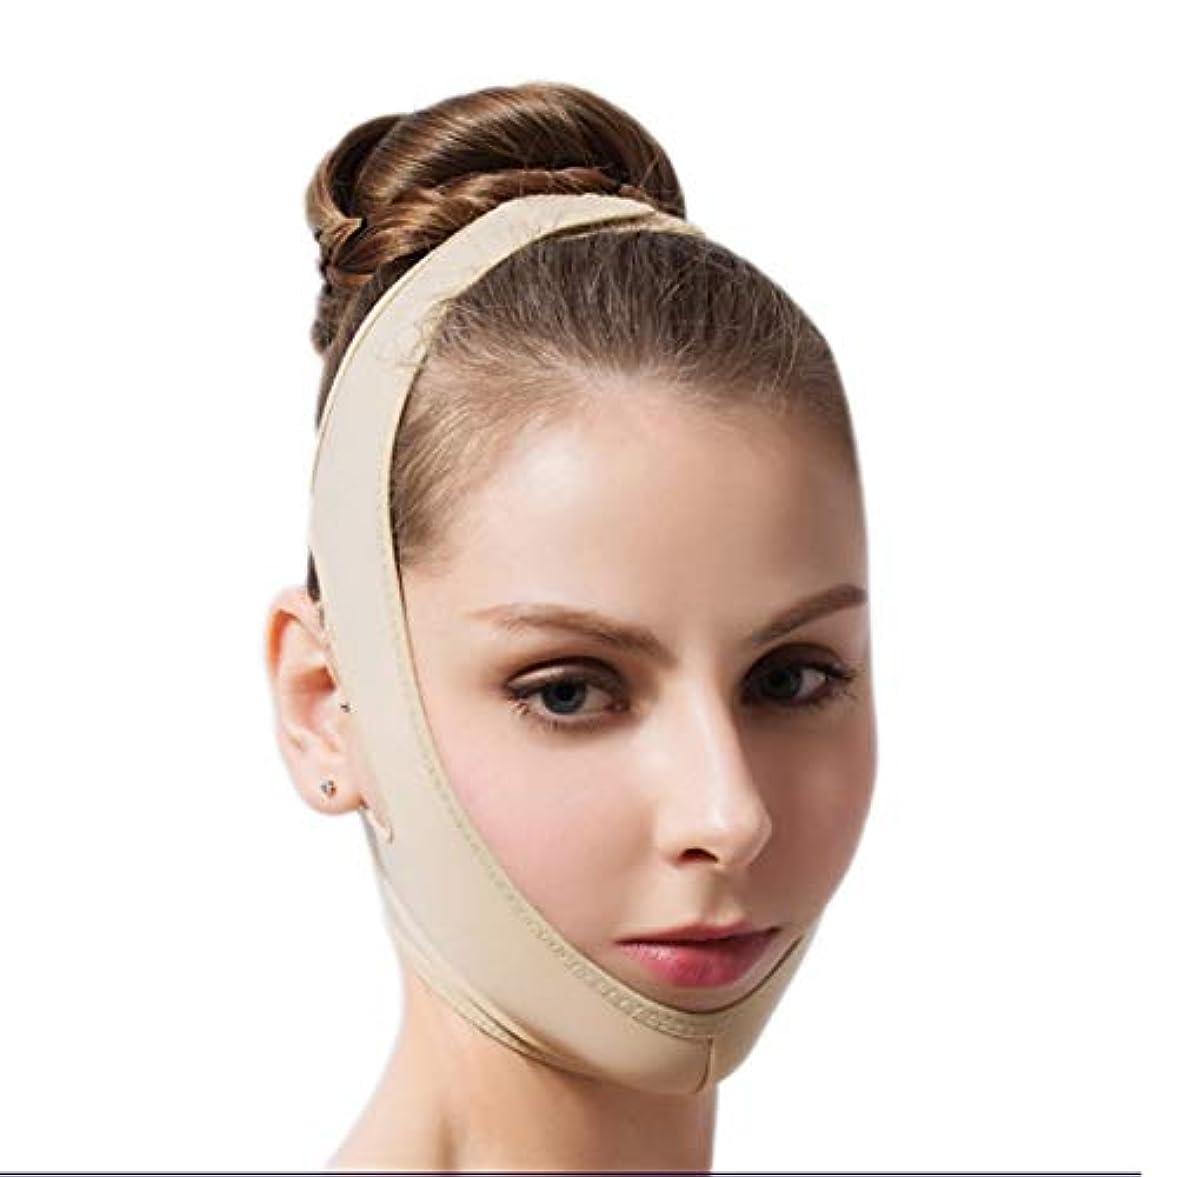 バスタブお祝い安全性ZWBD フェイスマスク, フェイスリフト包帯V整形術後回復包帯医療グレードマスクバンドルジョー二重あご (Size : L)